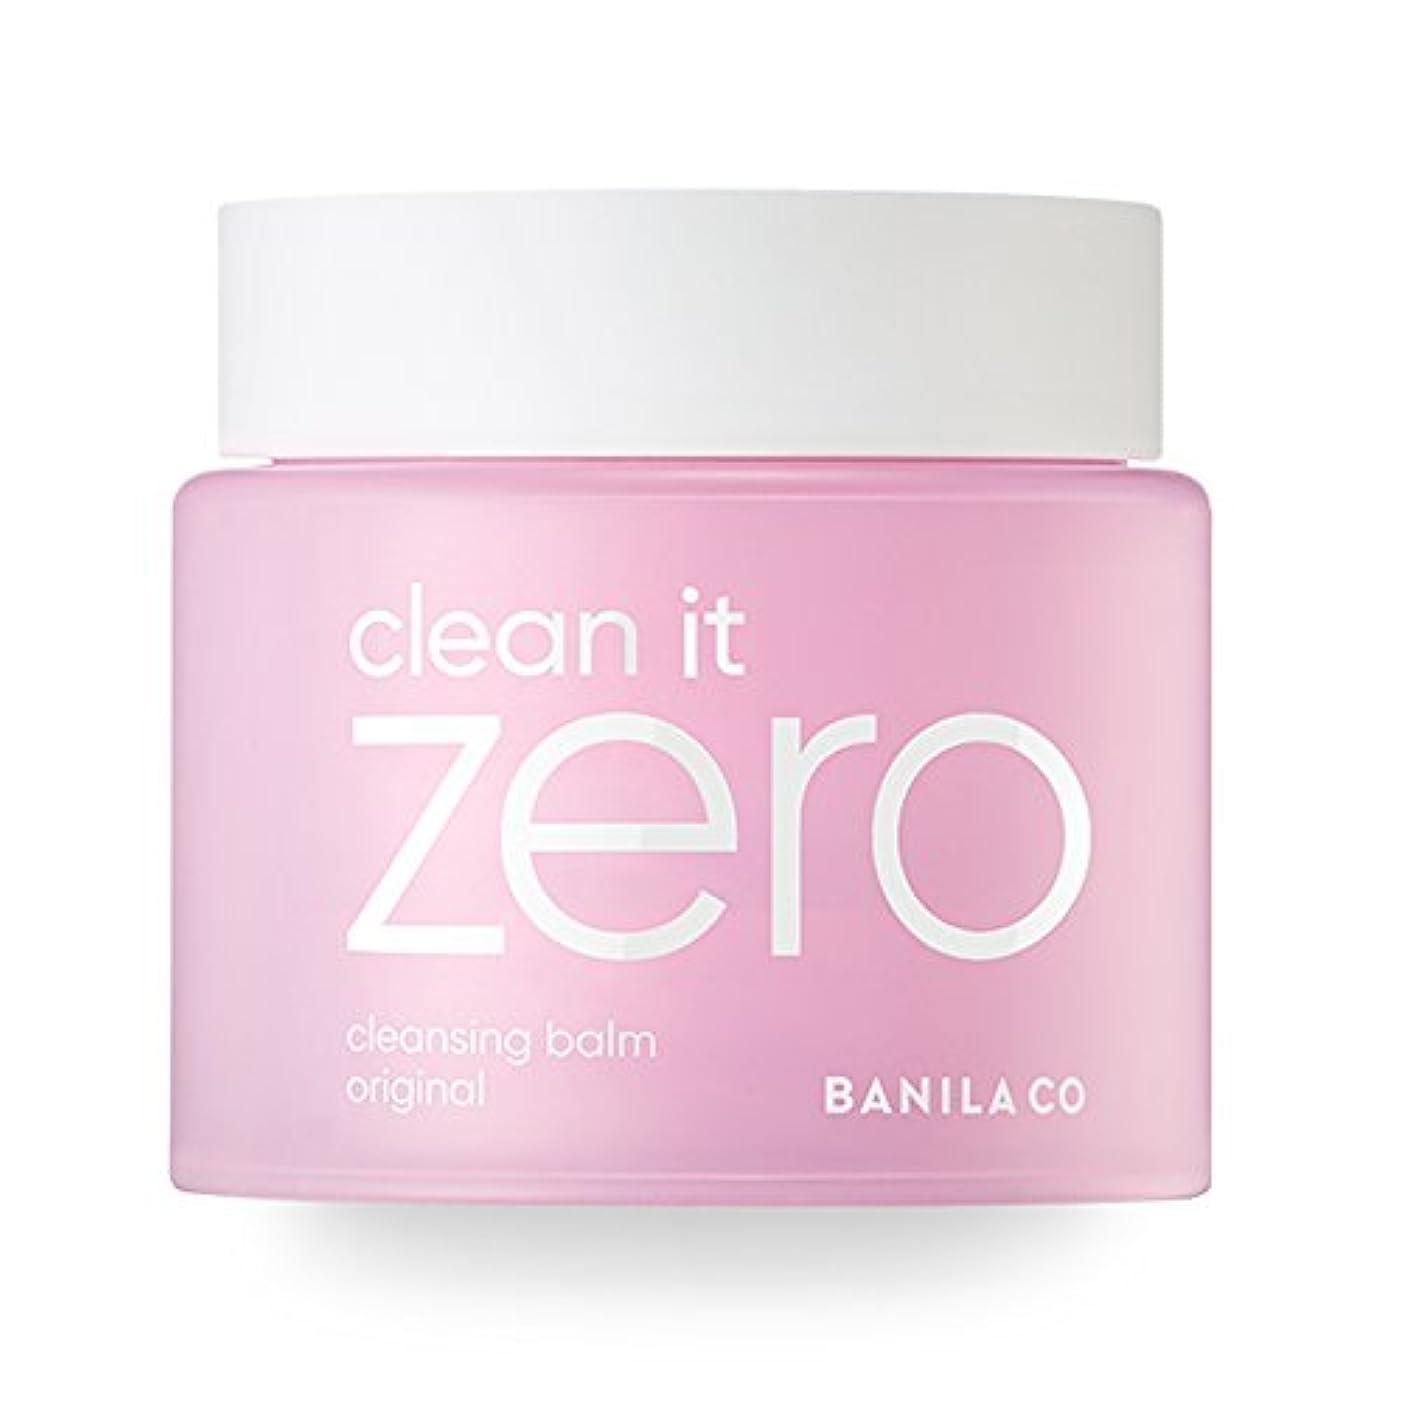 資本セブンスナッチBANILA CO(バニラコ)公式ストア  バニラコ クリーン イット ゼロ クレンジング バーム オリジナル / Clean It Zero Cleansing Balm Original 180ml